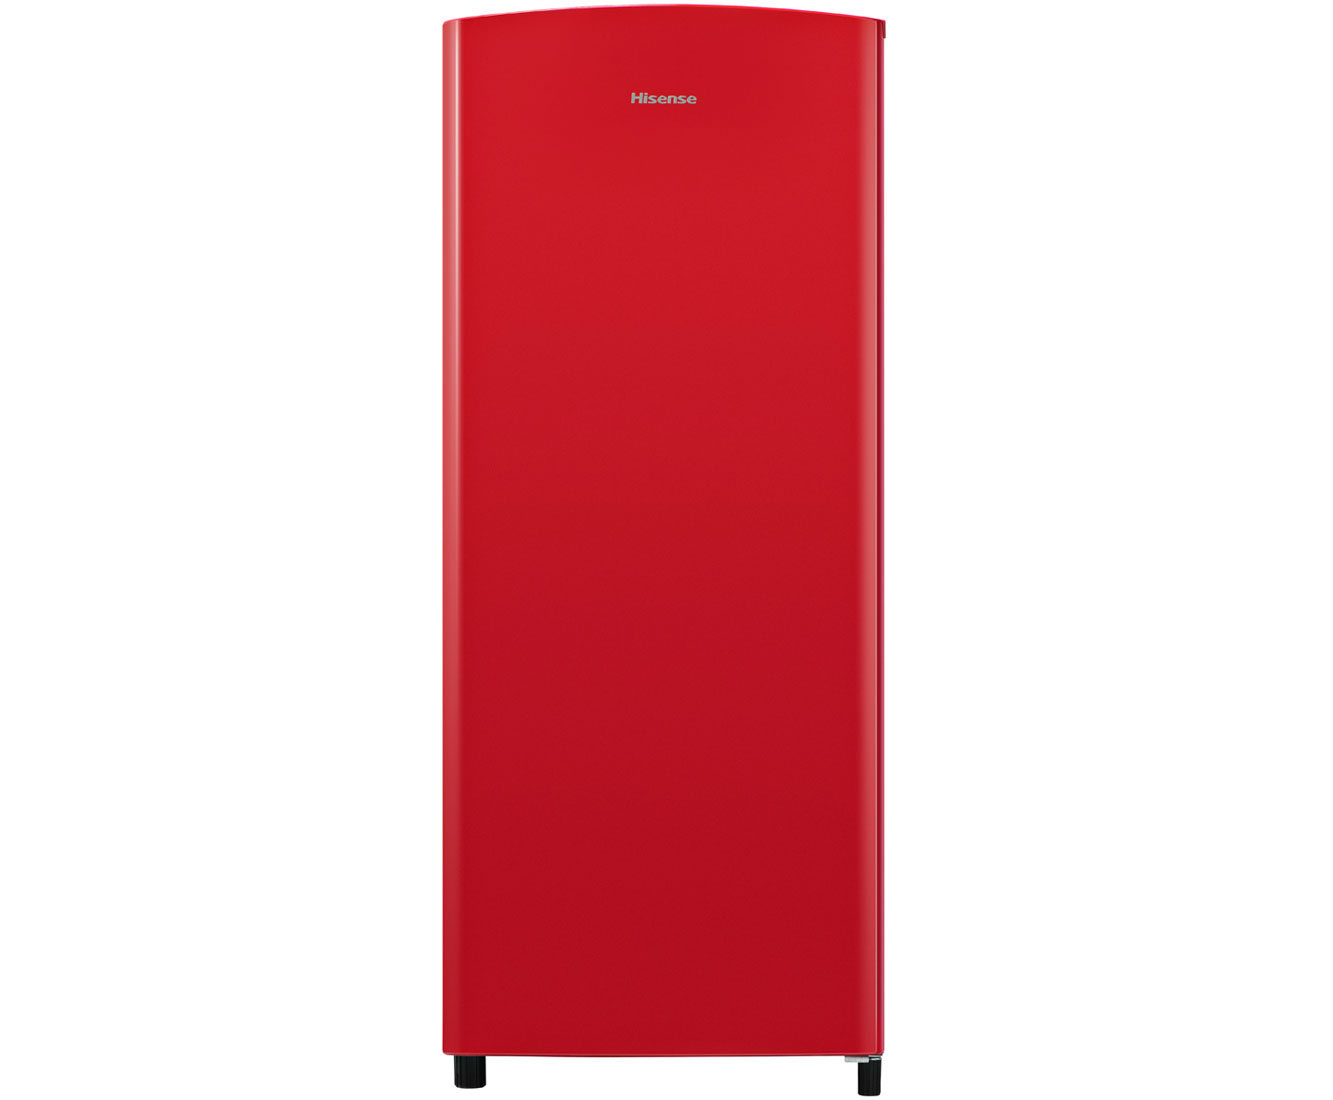 Retro Kühlschrank Rot : Hisense rr d ar kühlschrank mit gefrierfach rot retro design